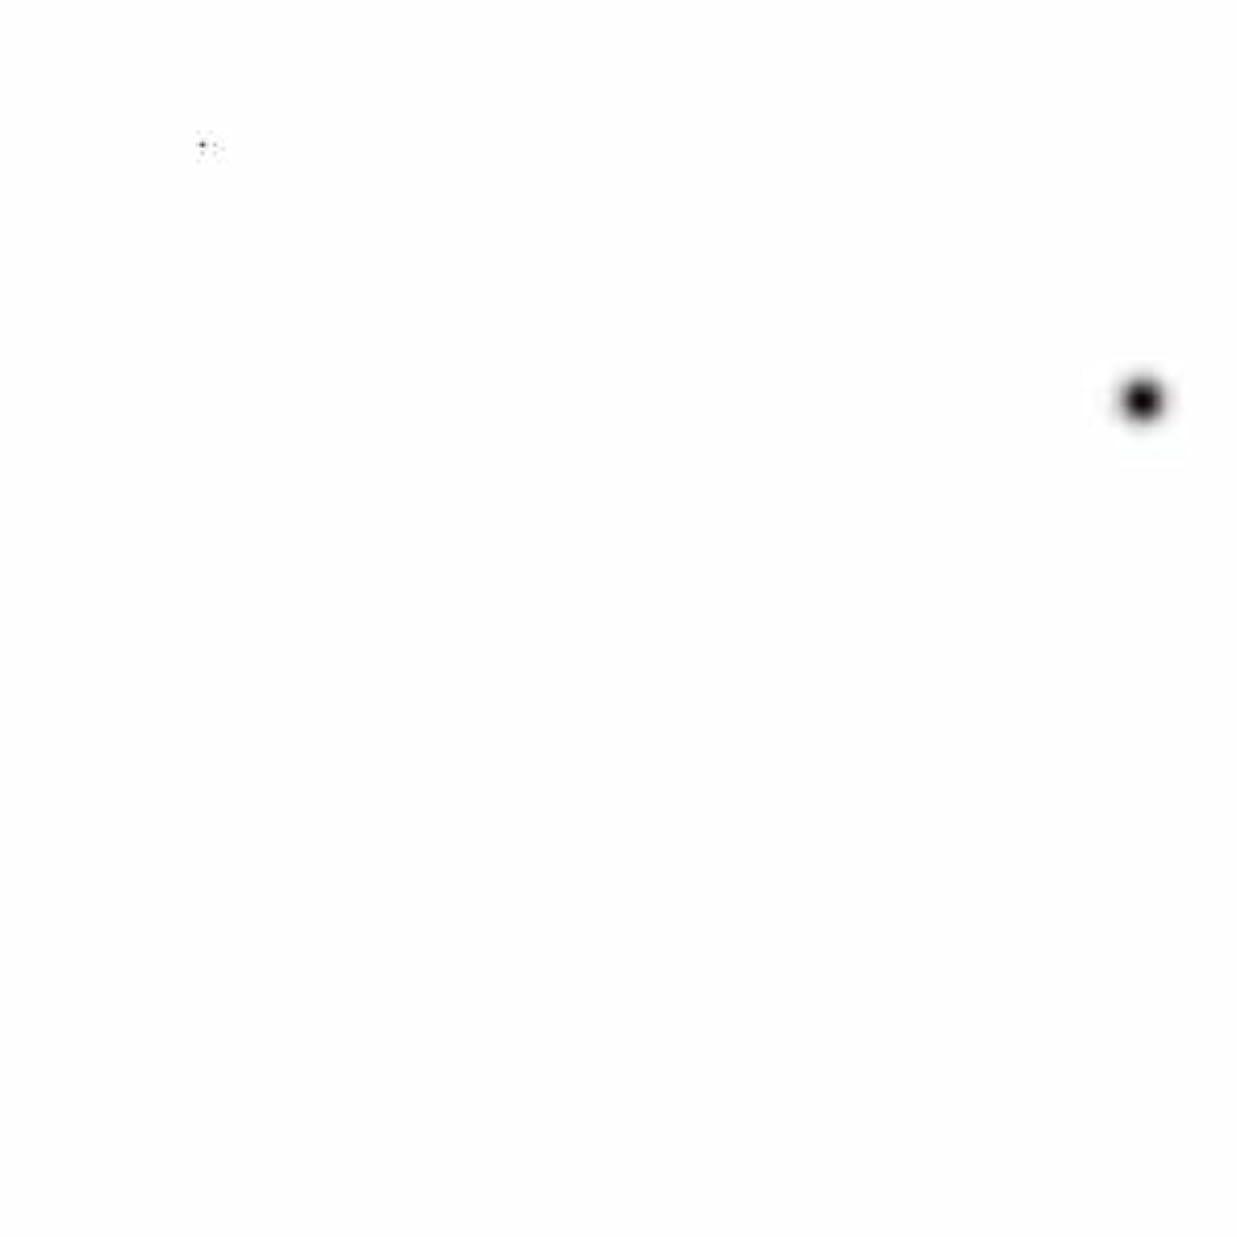 不屈スキニースピンオールドスパイス Swagger ボディーウォッシュ 2個セット [並行輸入品]